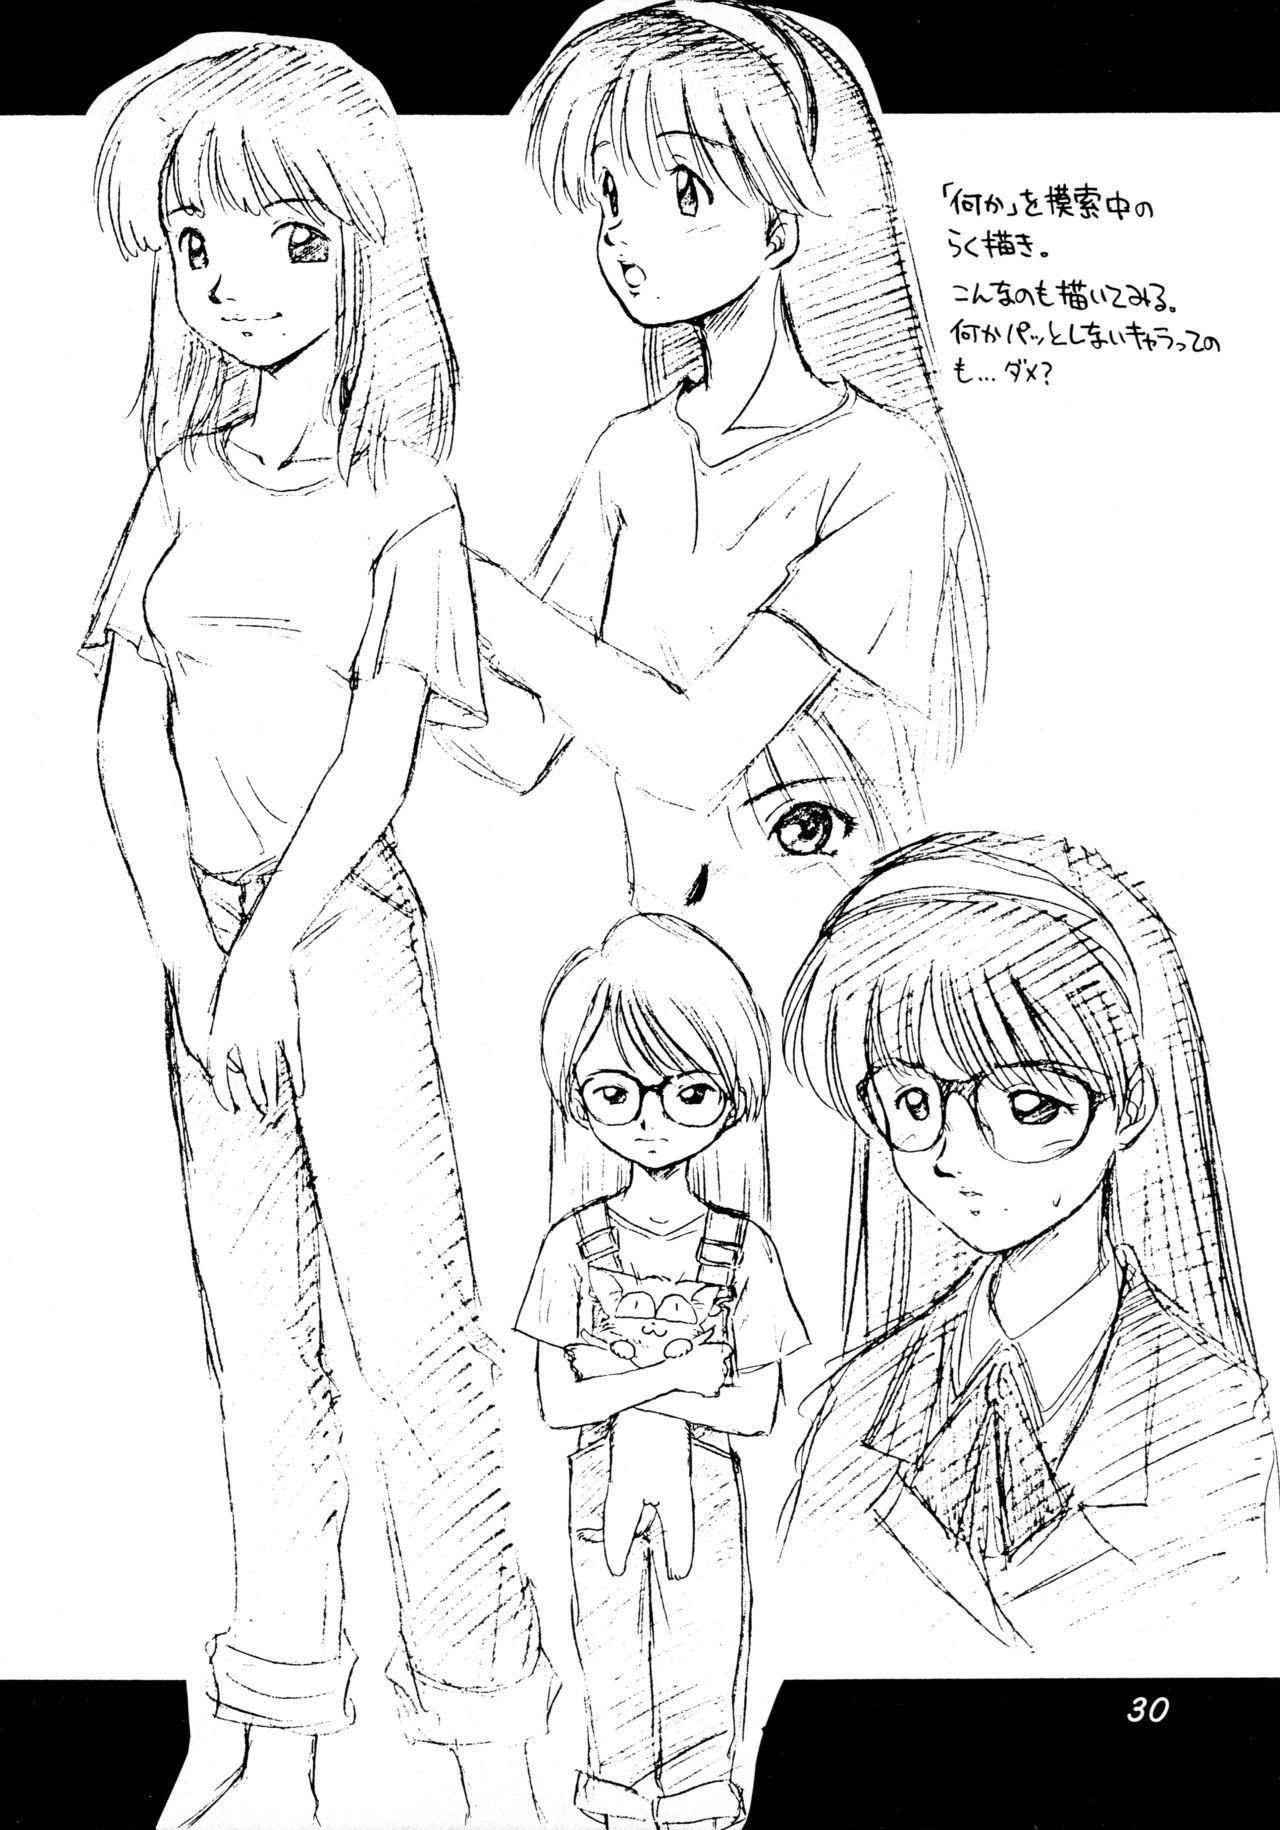 Uwasa no Neko Shuukai 29